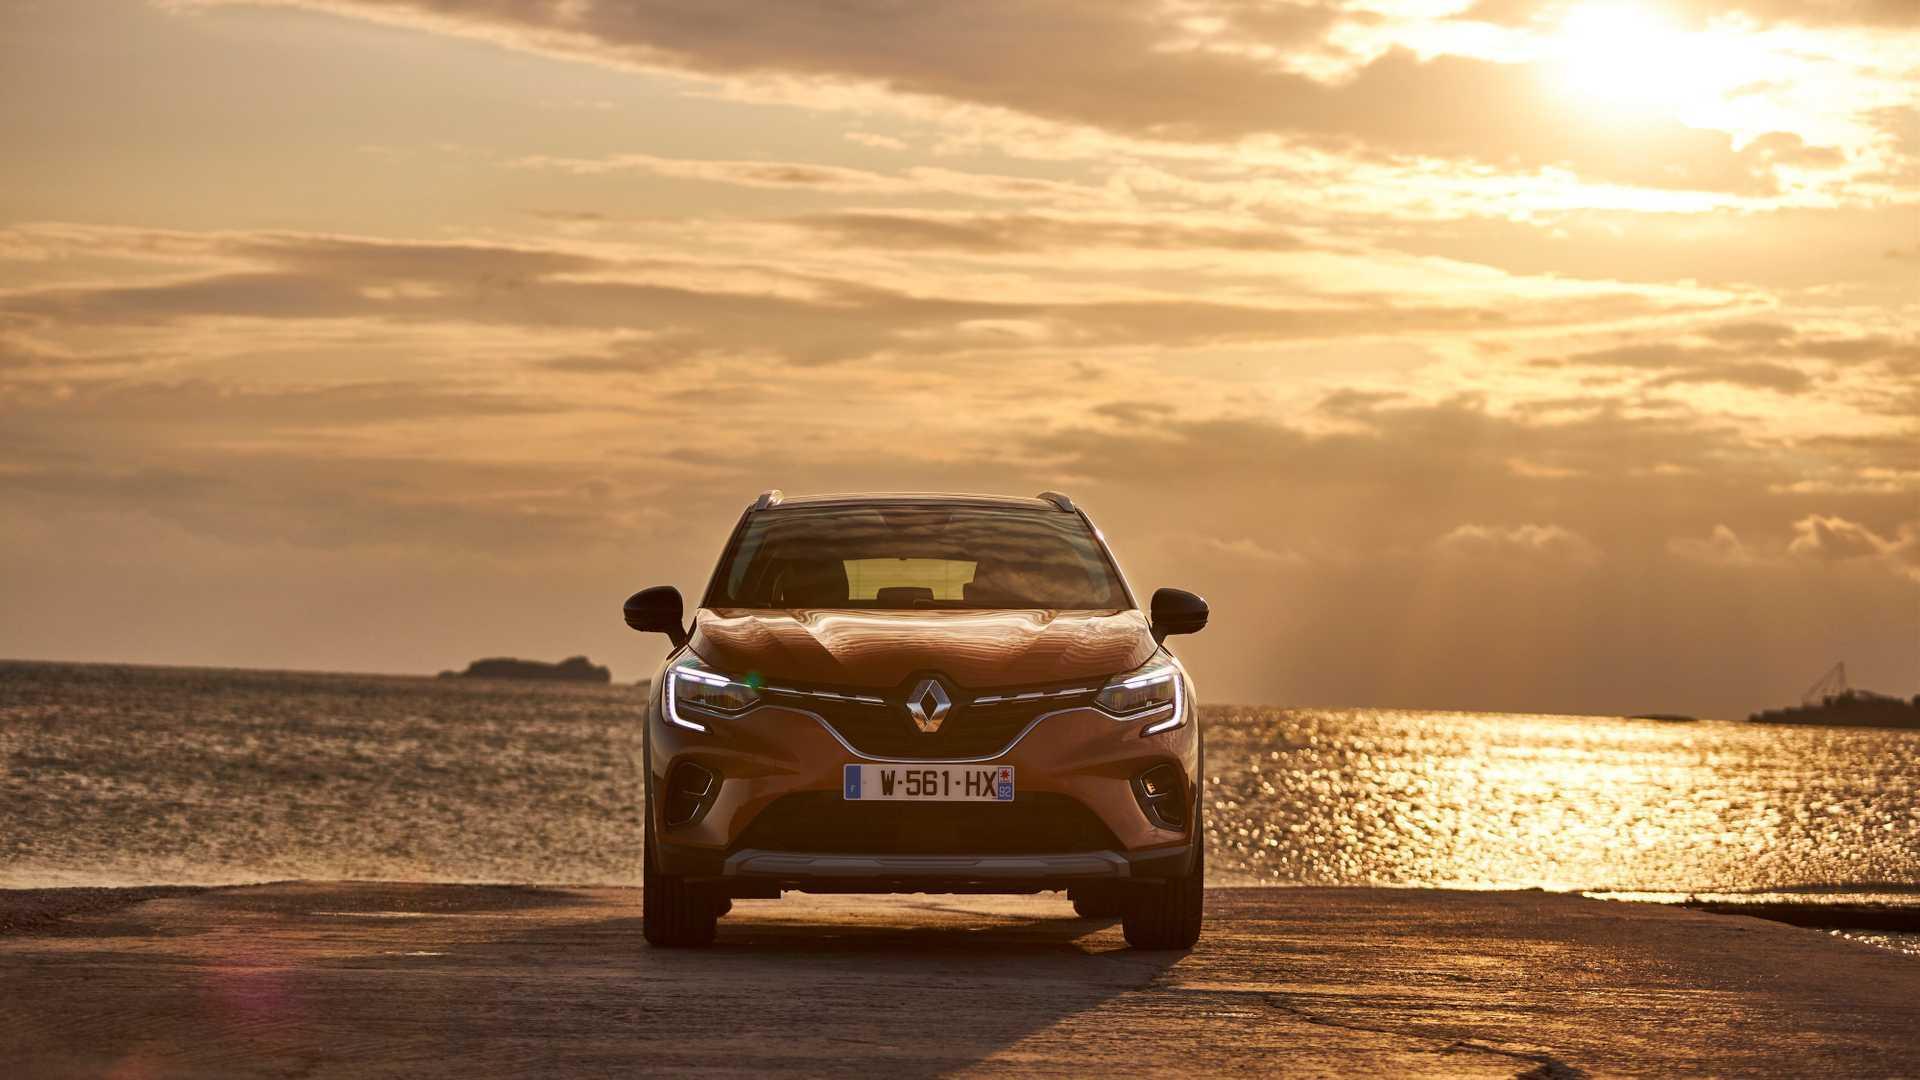 Renault revoit ses objectifs financiers à la baisse et dégringole en bourse